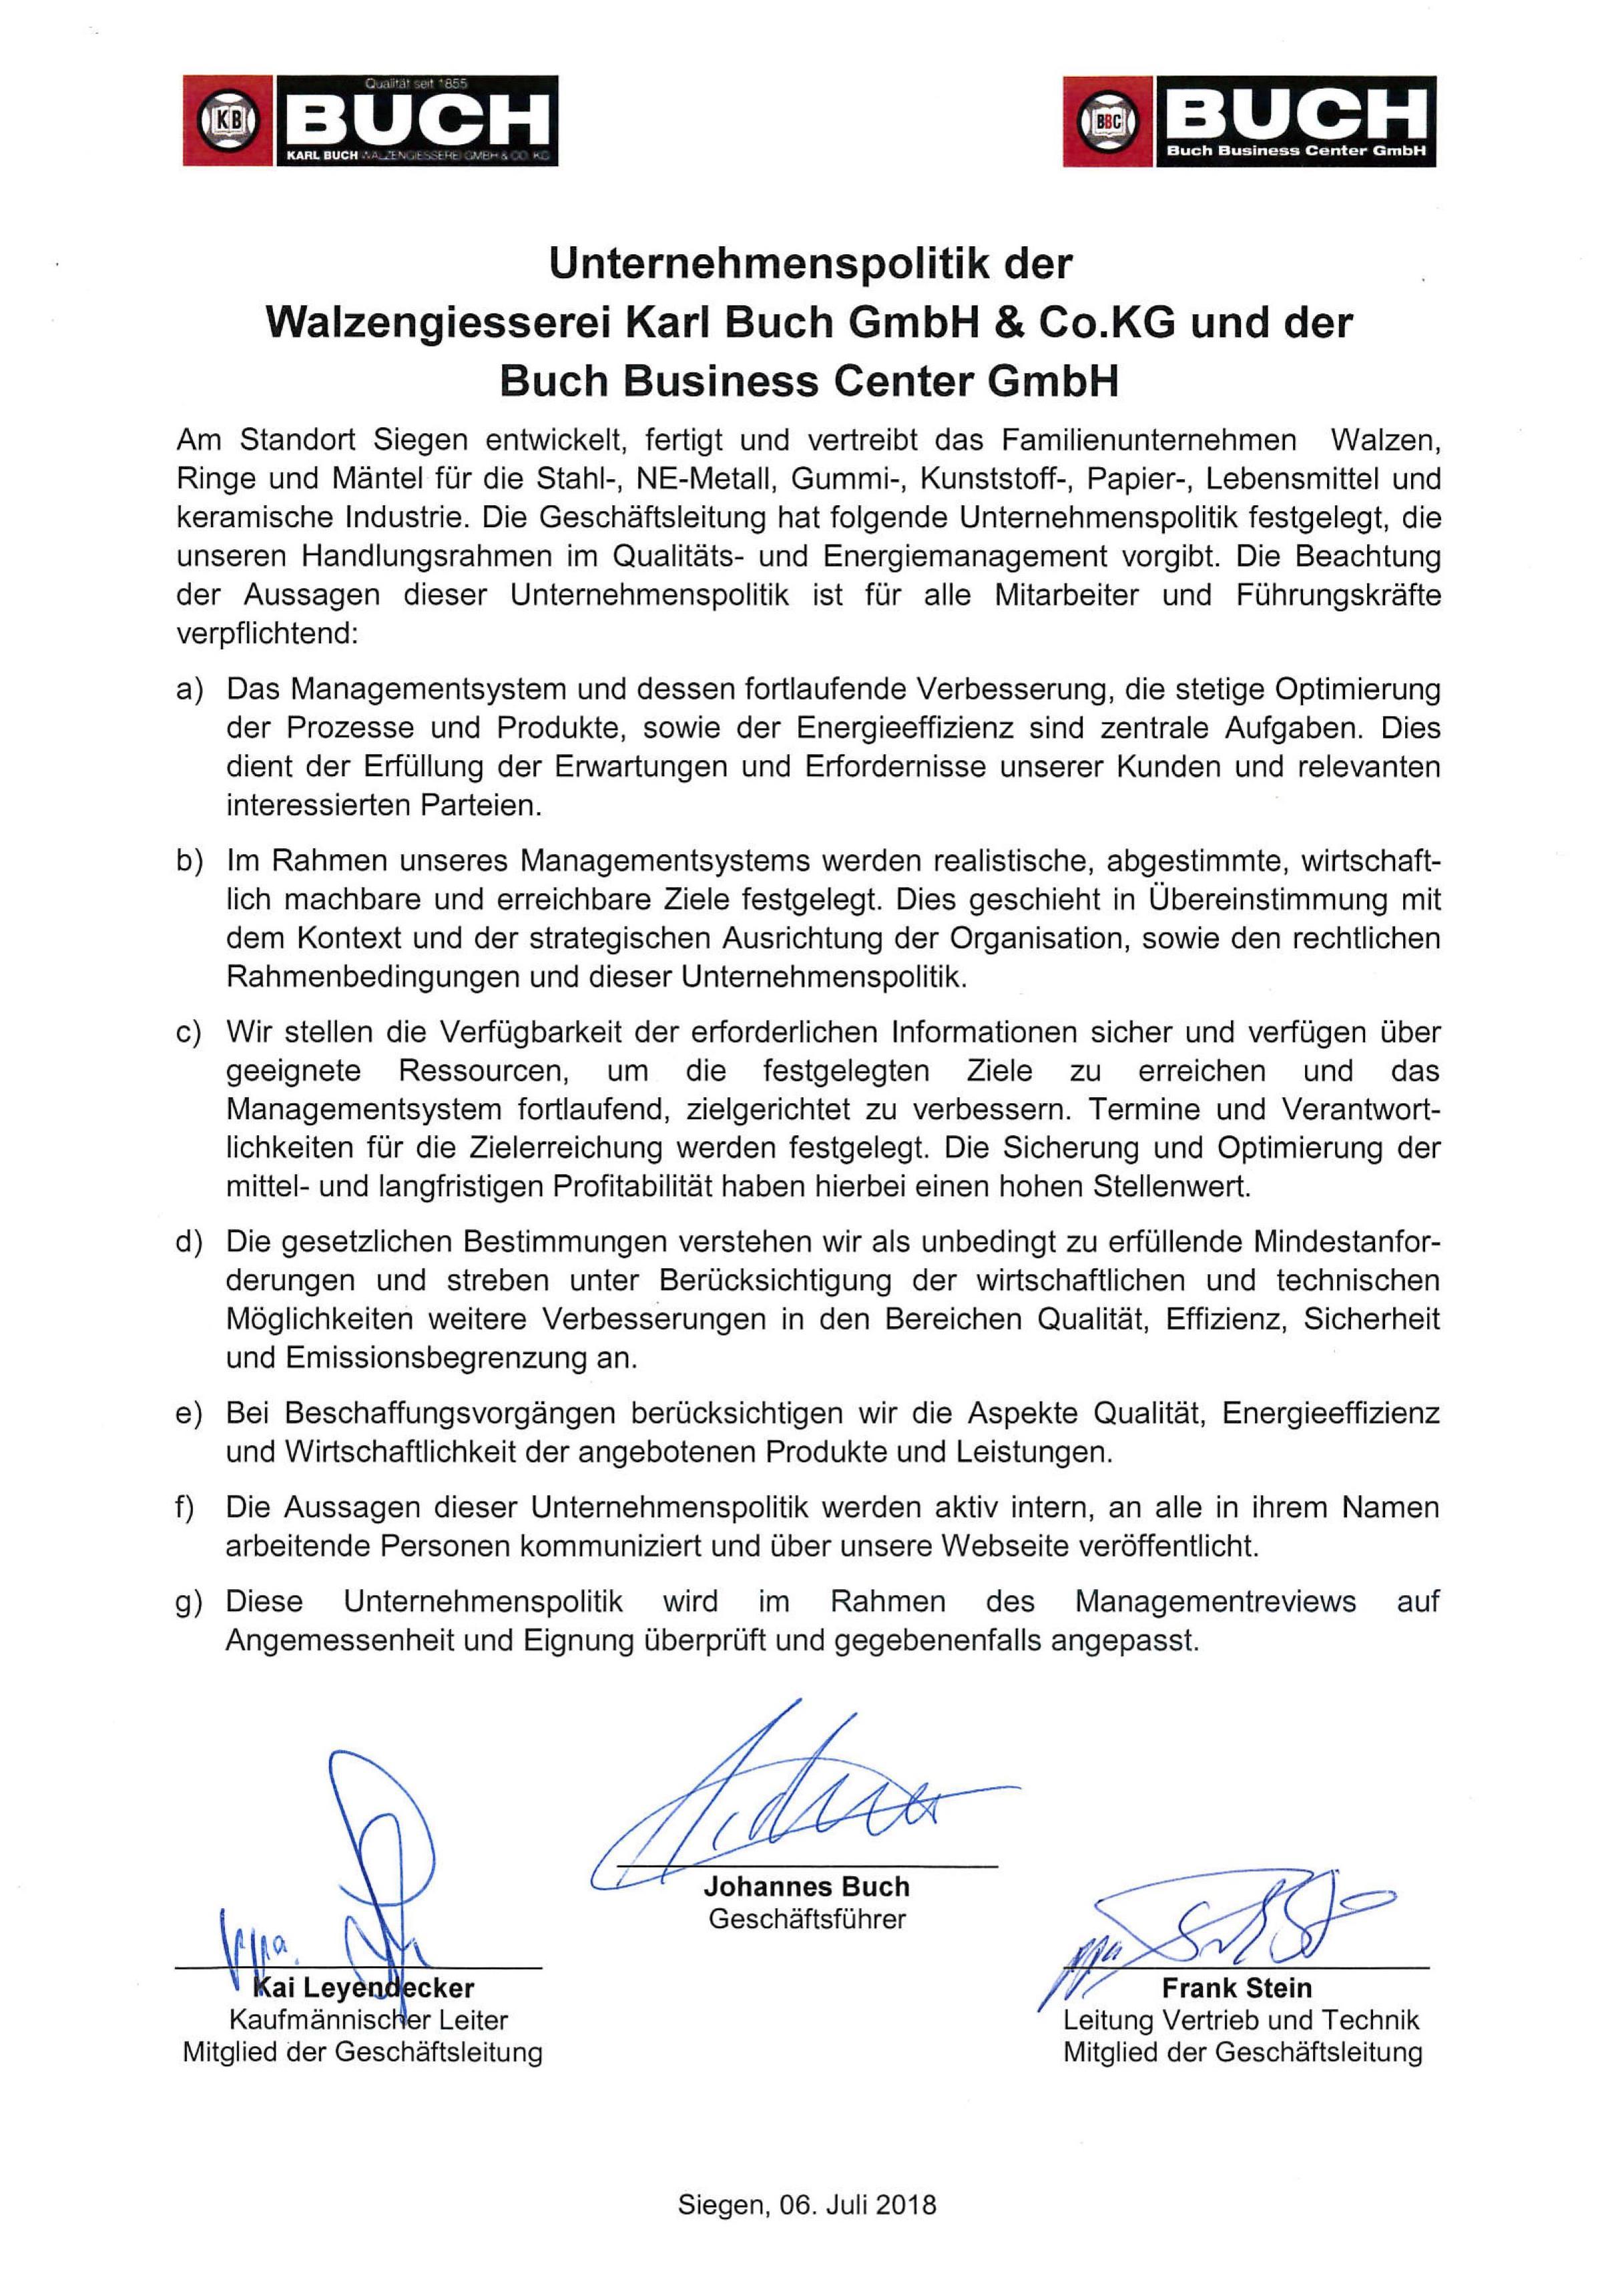 Unternehmenspolitik Karl Buch